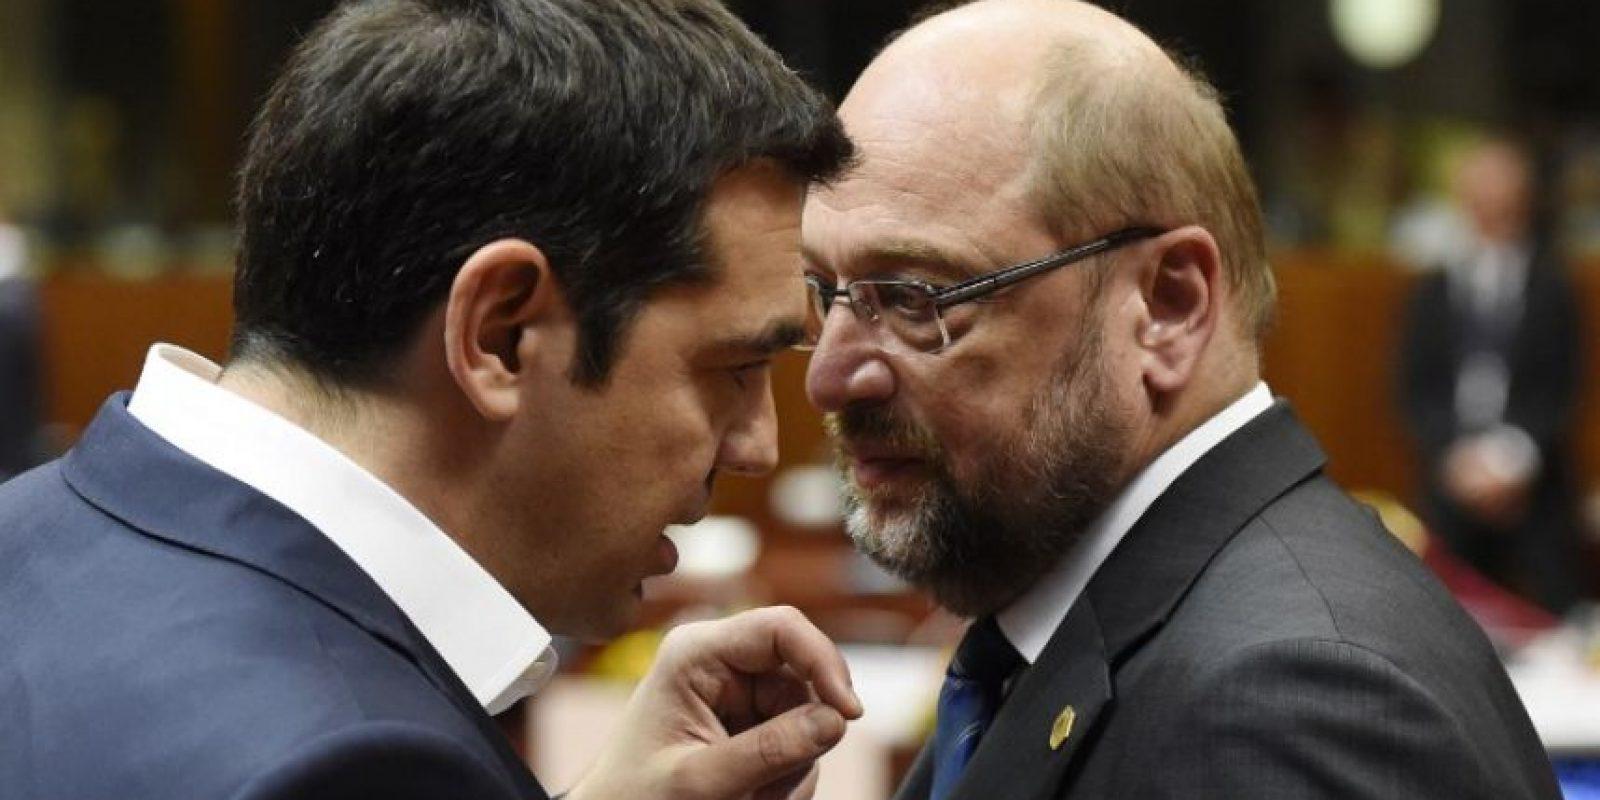 En las elecciones parlamentarias de 2009 fue designado miembro del Parlamento por Syriza. Foto:AFP